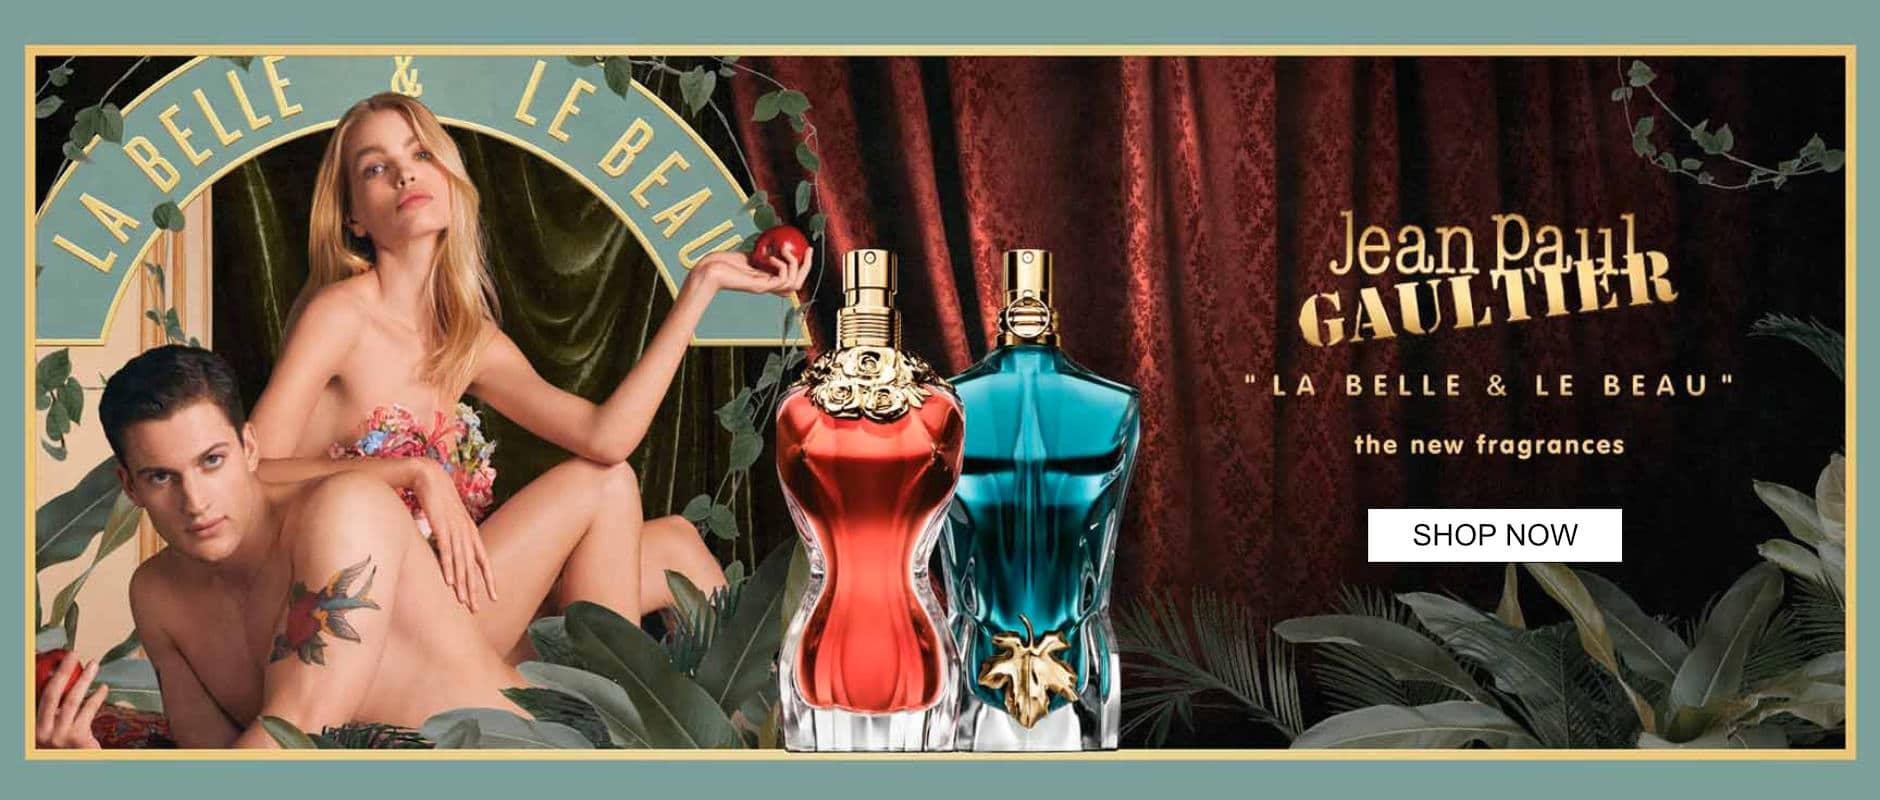 Jean Paul Gaultier Le Beau & La Belle - desktop